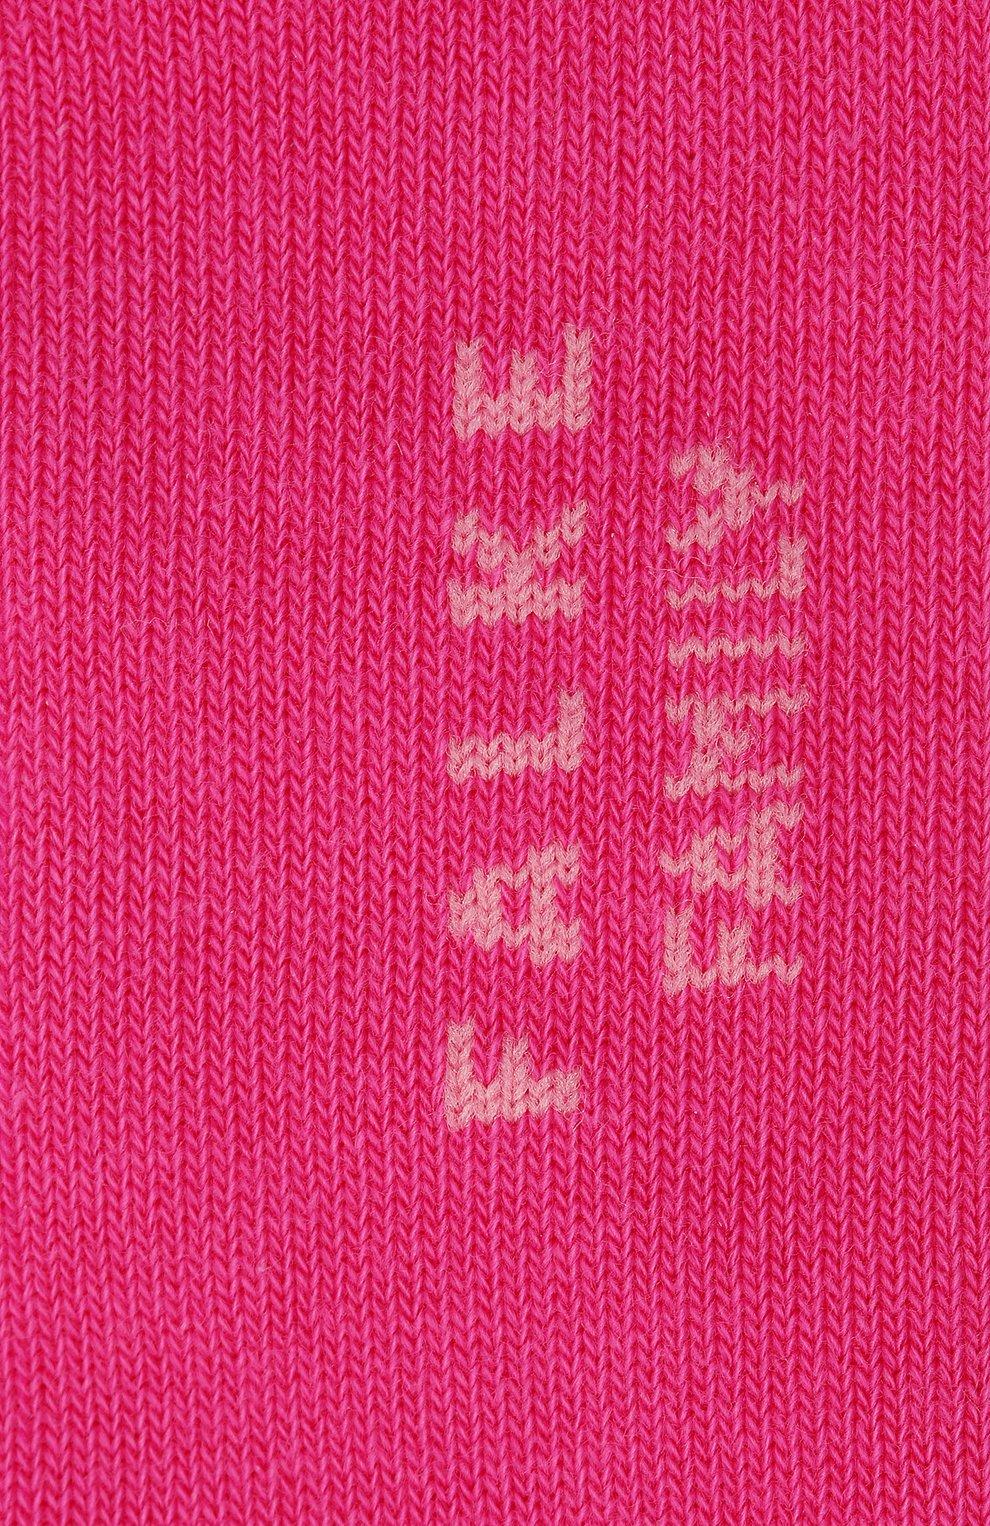 Детские носки FALKE фуксия цвета, арт. 10631. | Фото 2 (Материал: Текстиль, Хлопок)